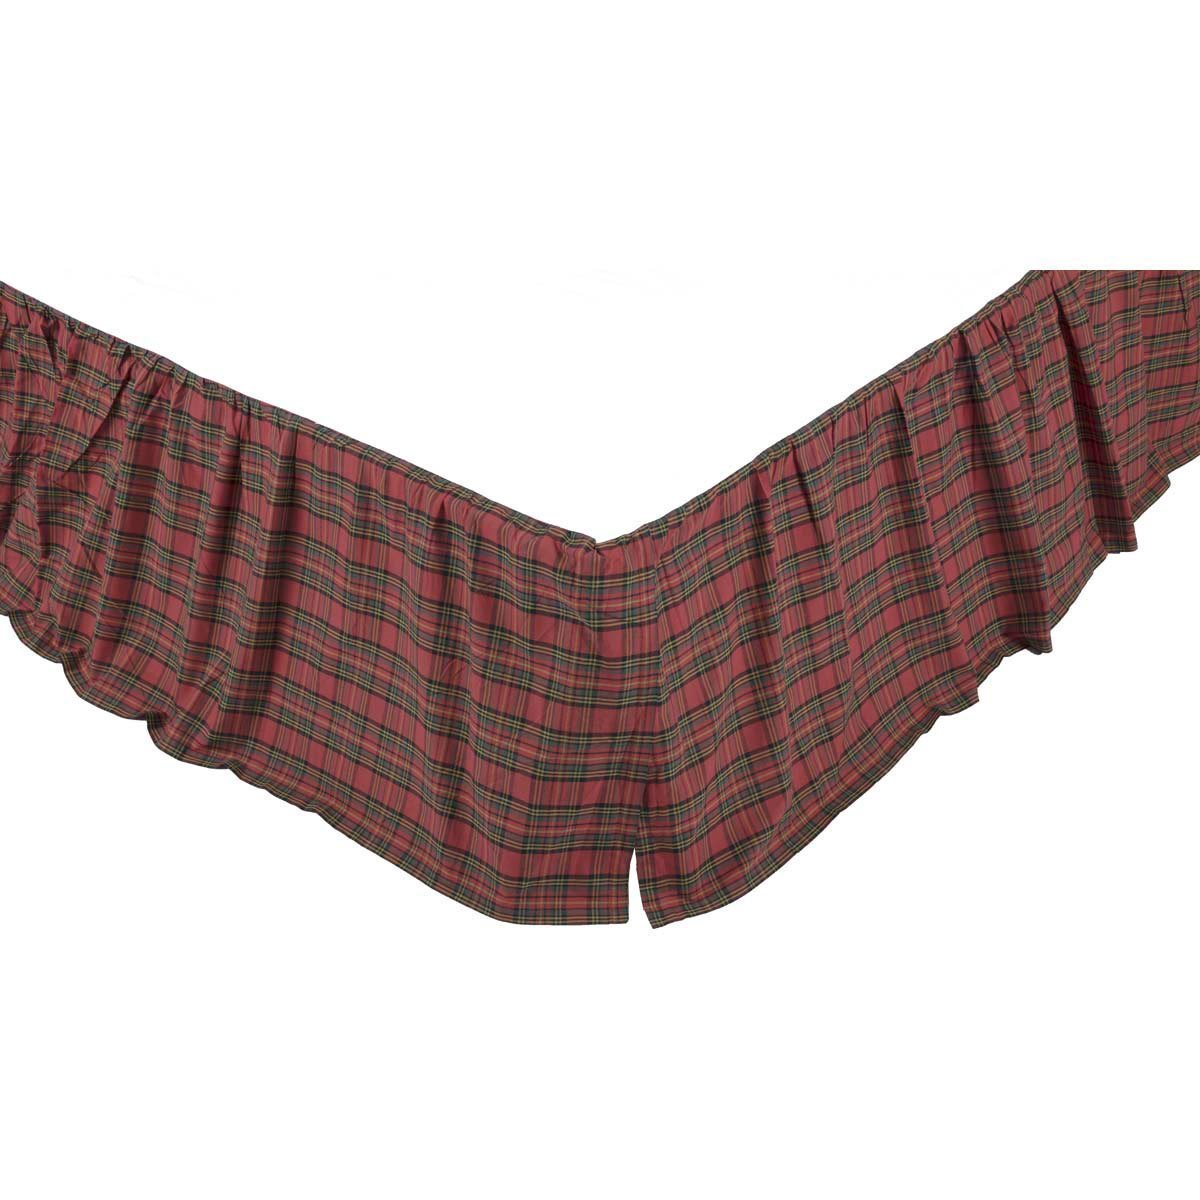 Tartan Red Plaid Queen Bed Skirt